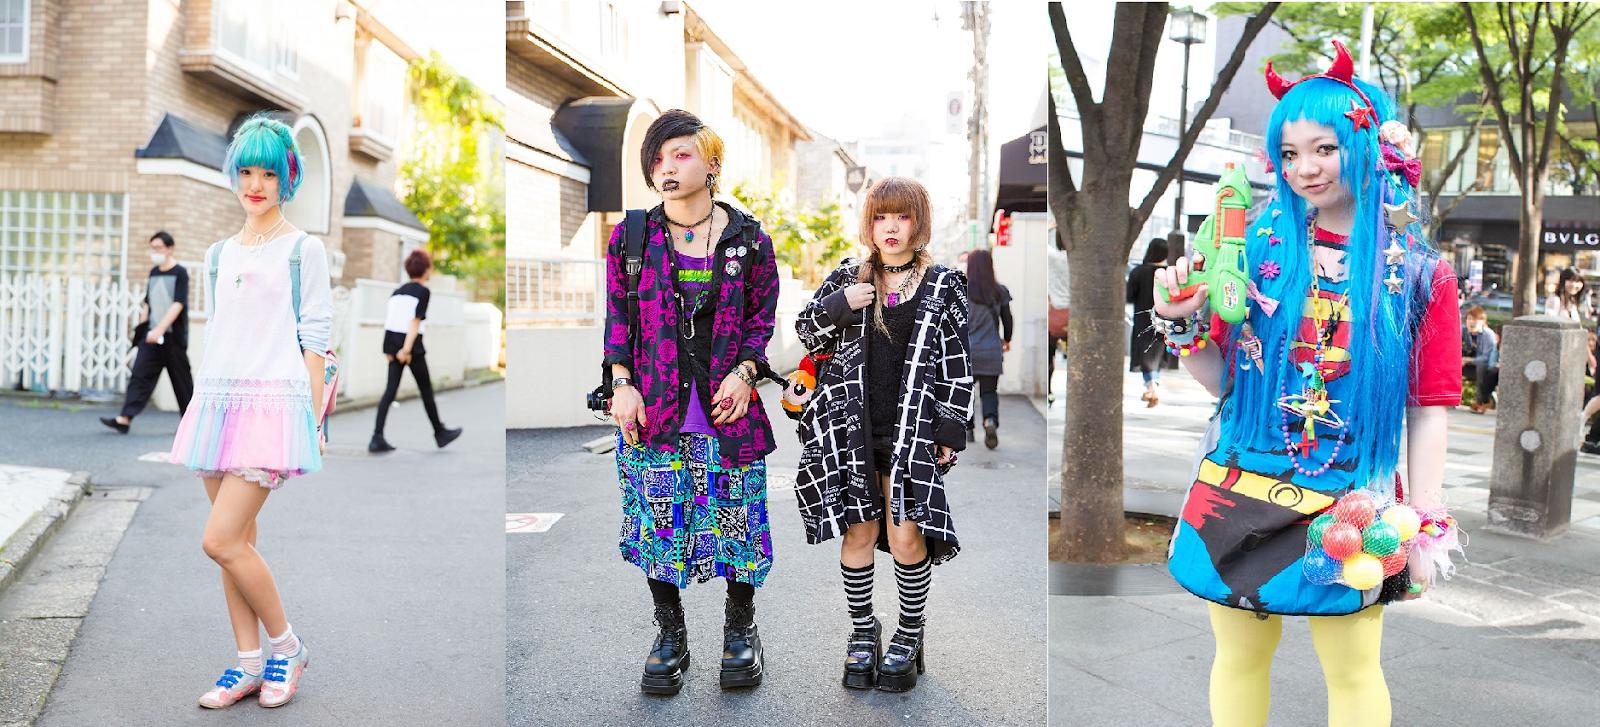 subculturas en las calles de Harajuku